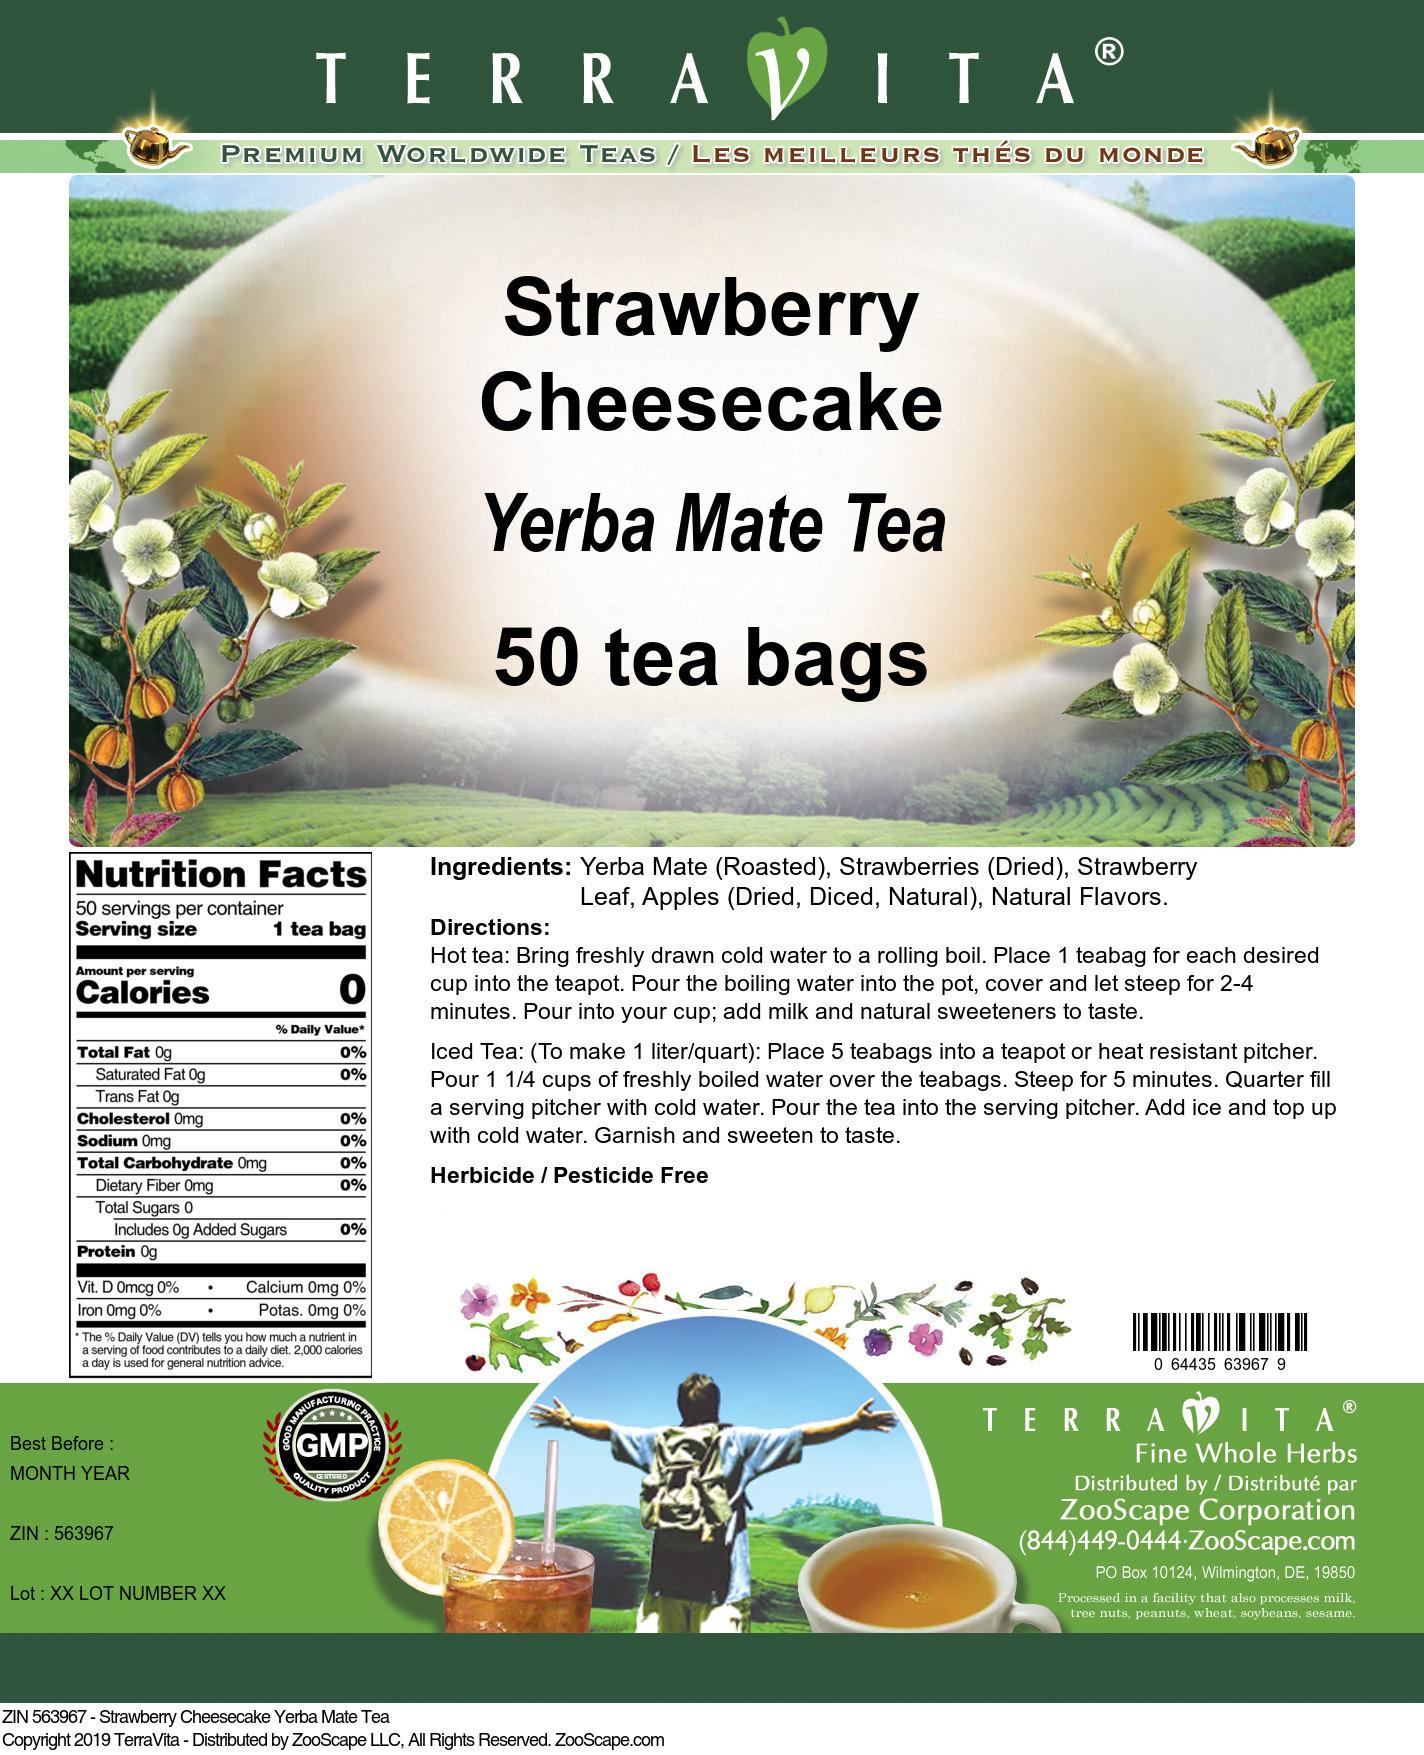 Strawberry Cheesecake Yerba Mate Tea